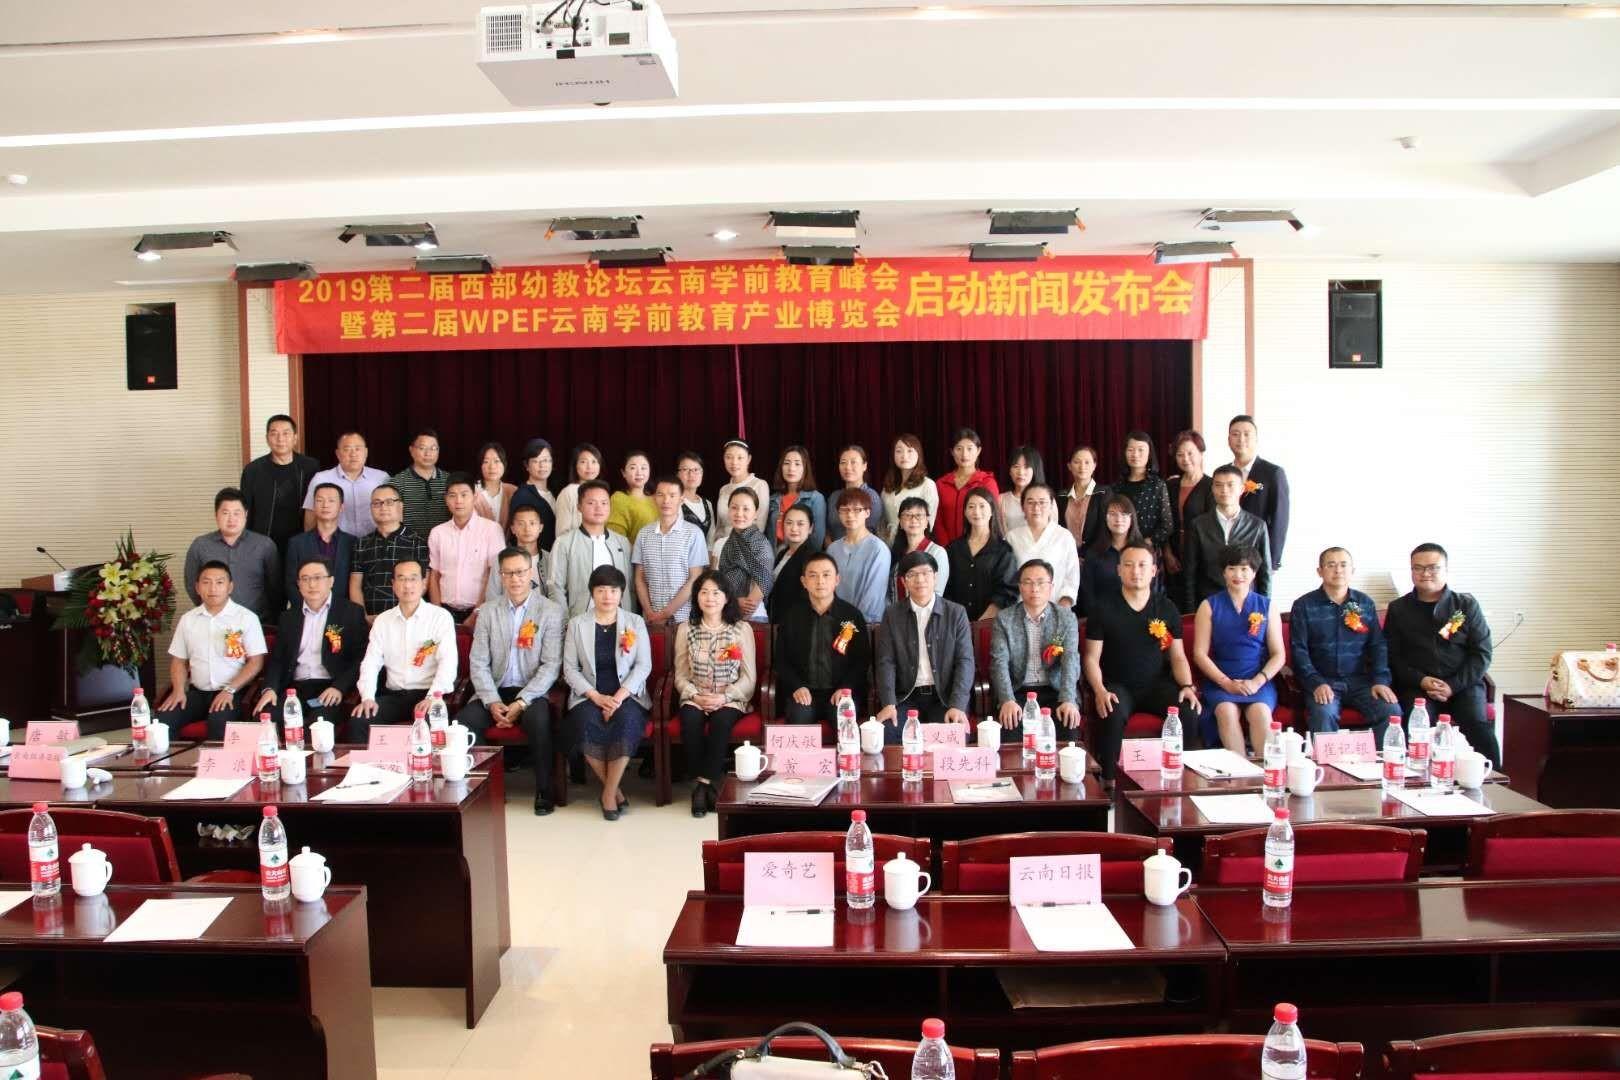 2019年第二届西部幼教论坛云南学前教育峰会将于6月在昆举办